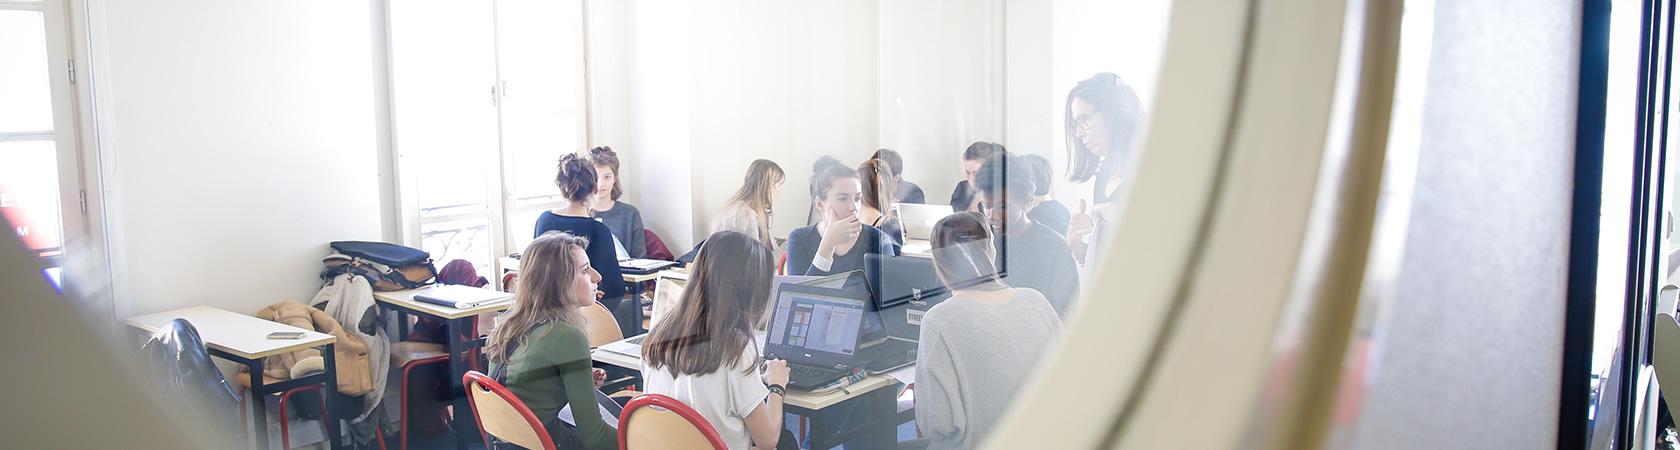 Ecole de communication EFAP - Proposer une étude de cas